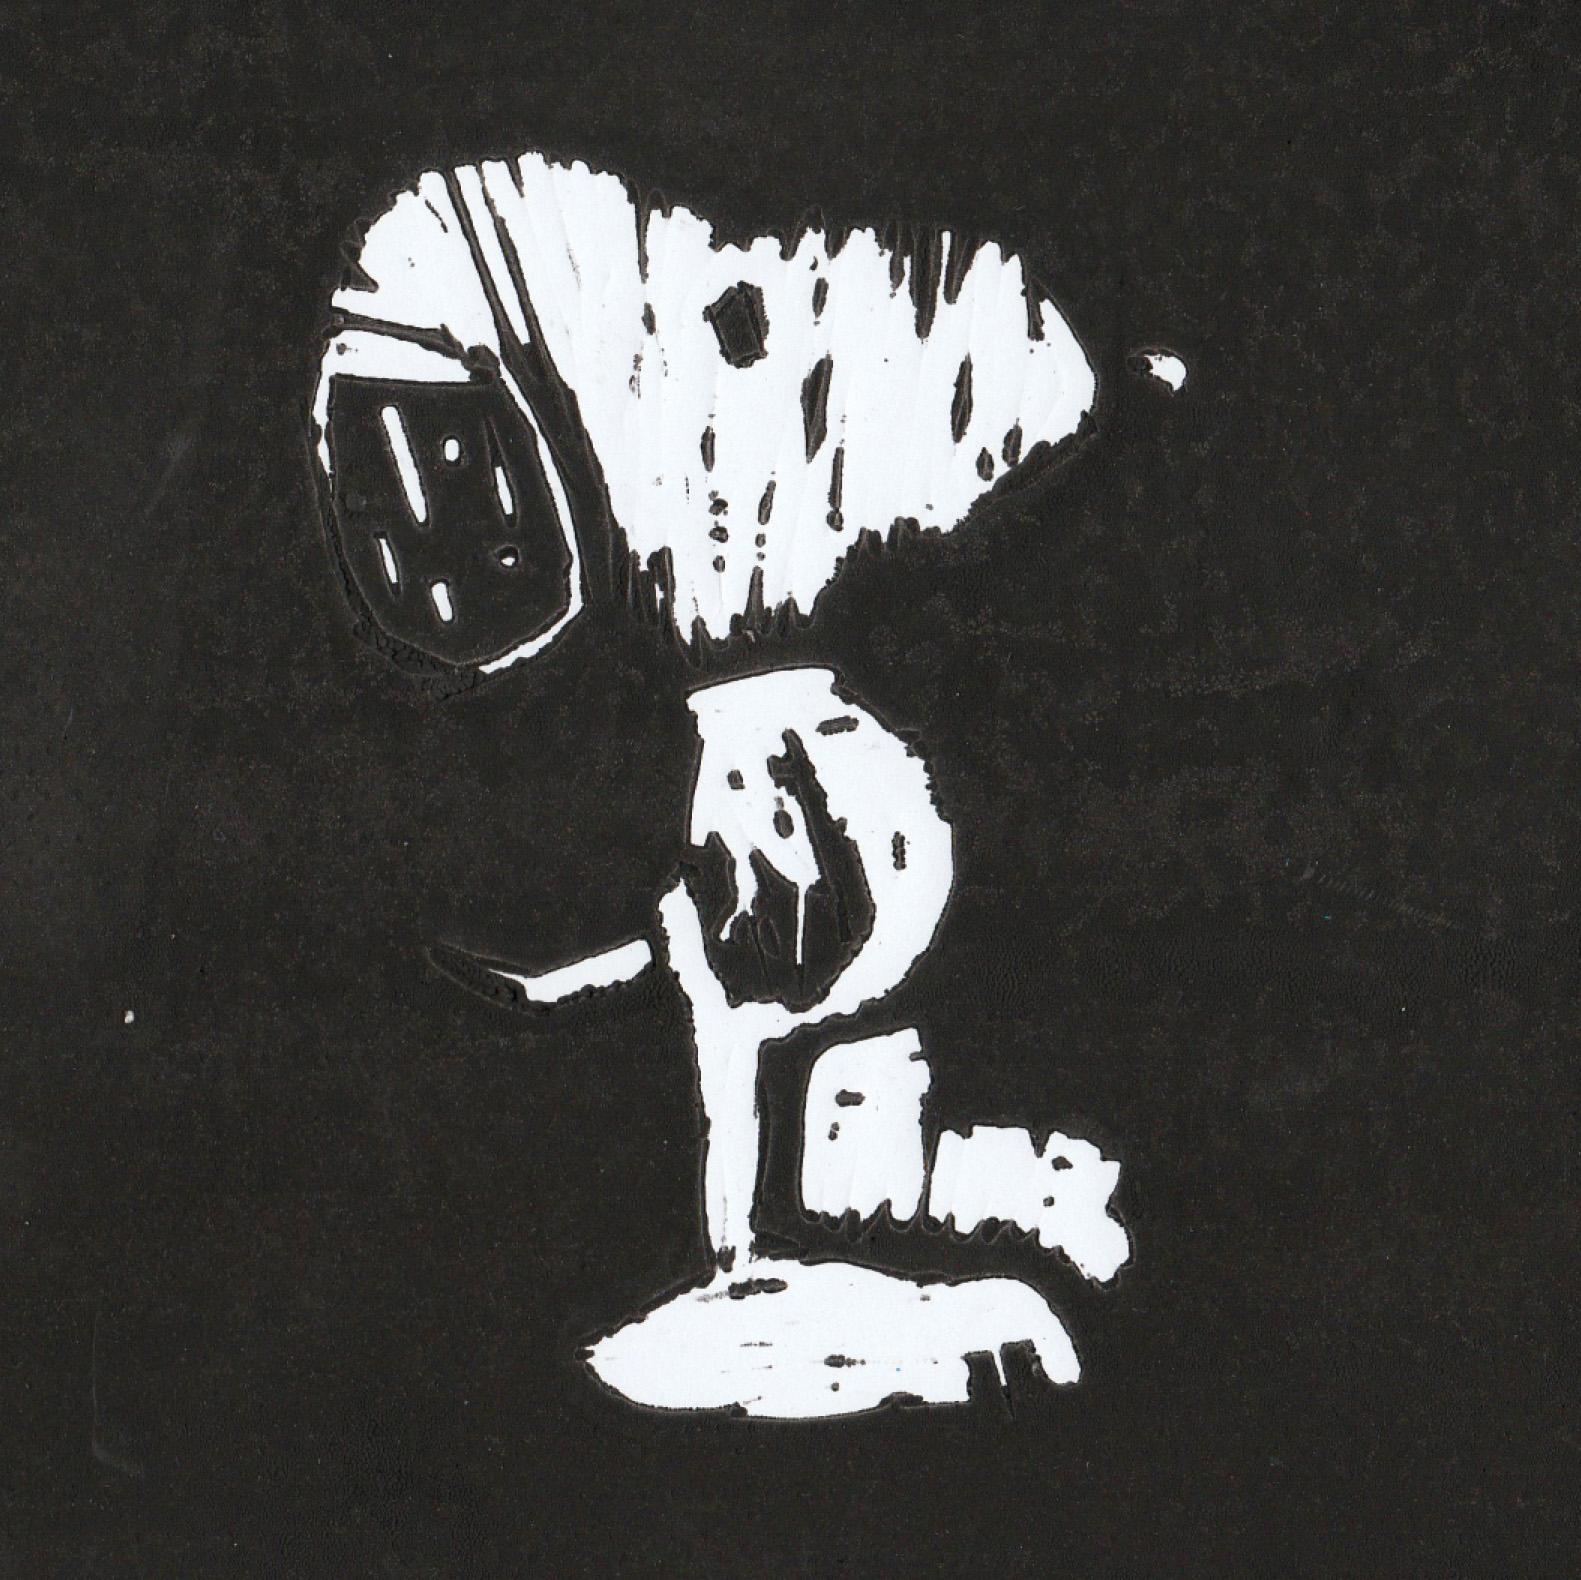 Zīmējumā ir attēlots multeņu varonis vārdā Snūpijs. Pats Snūpijs ir balts, fons ir melns.